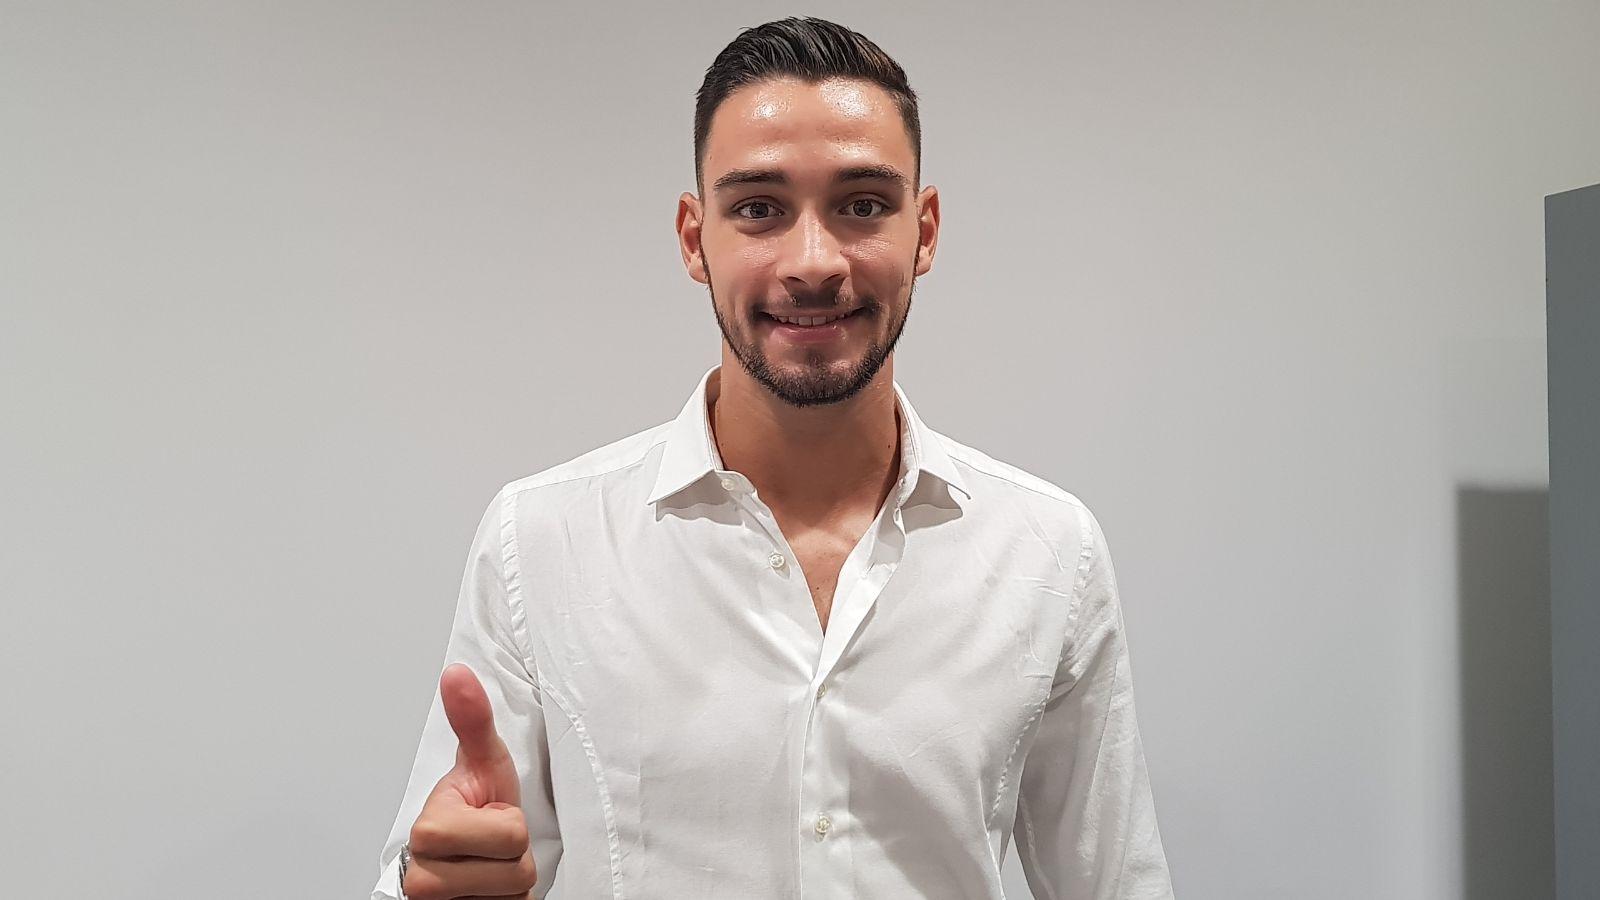 Milan confirma duração do contrato com Bonucci